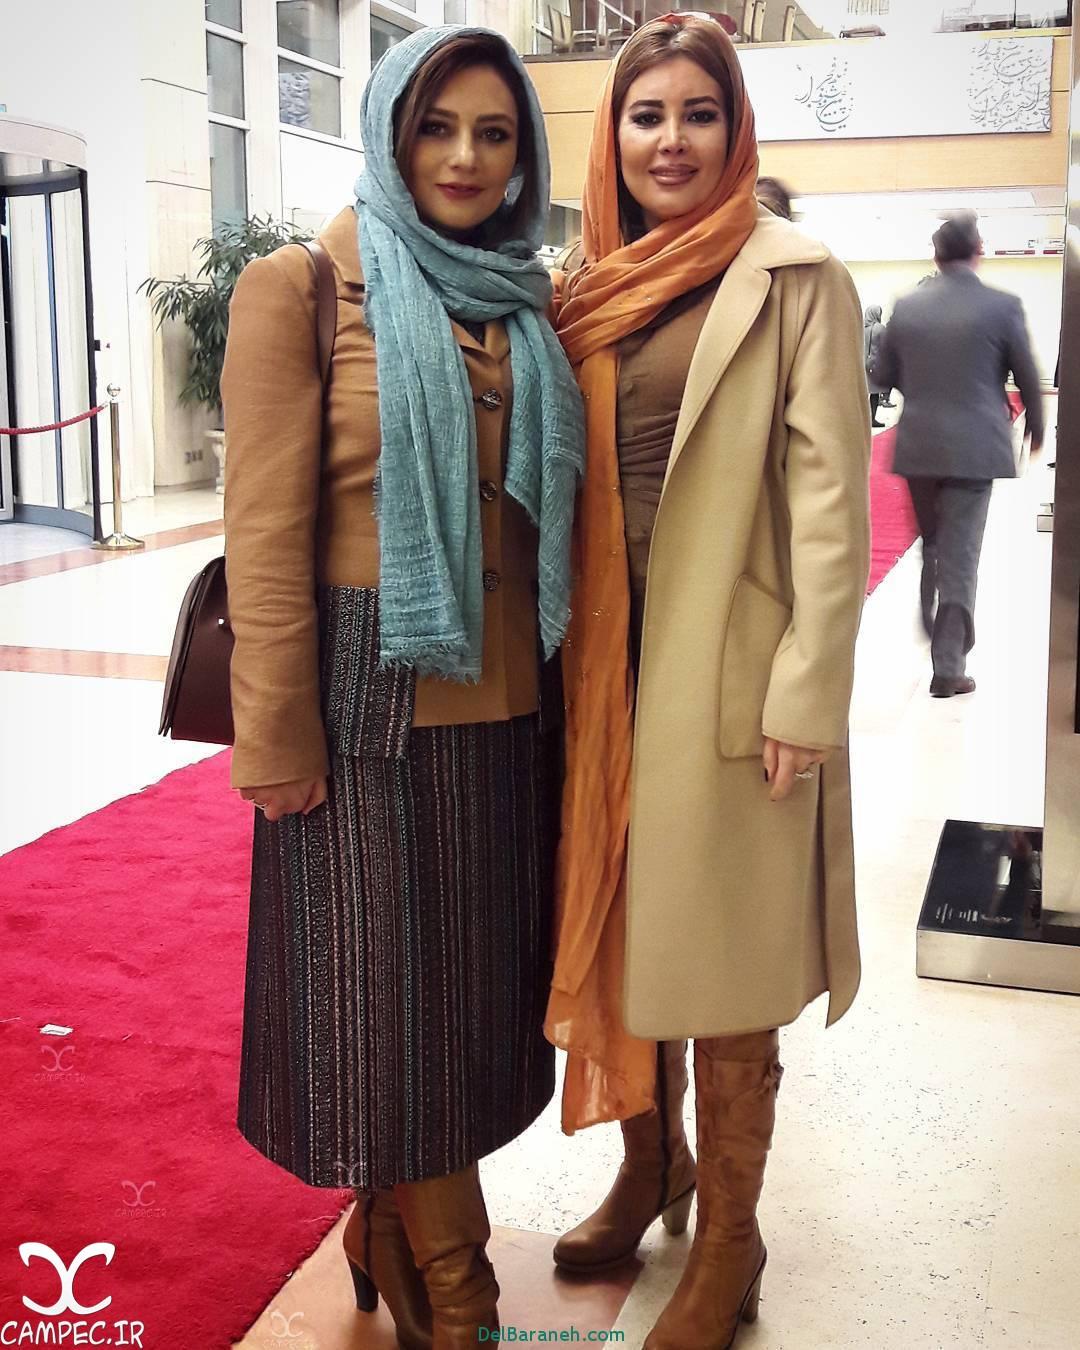 مدل مانتو بازیگران زن ایرانی در سی و پنجمین جشنواره فجر ۹۵ (27)